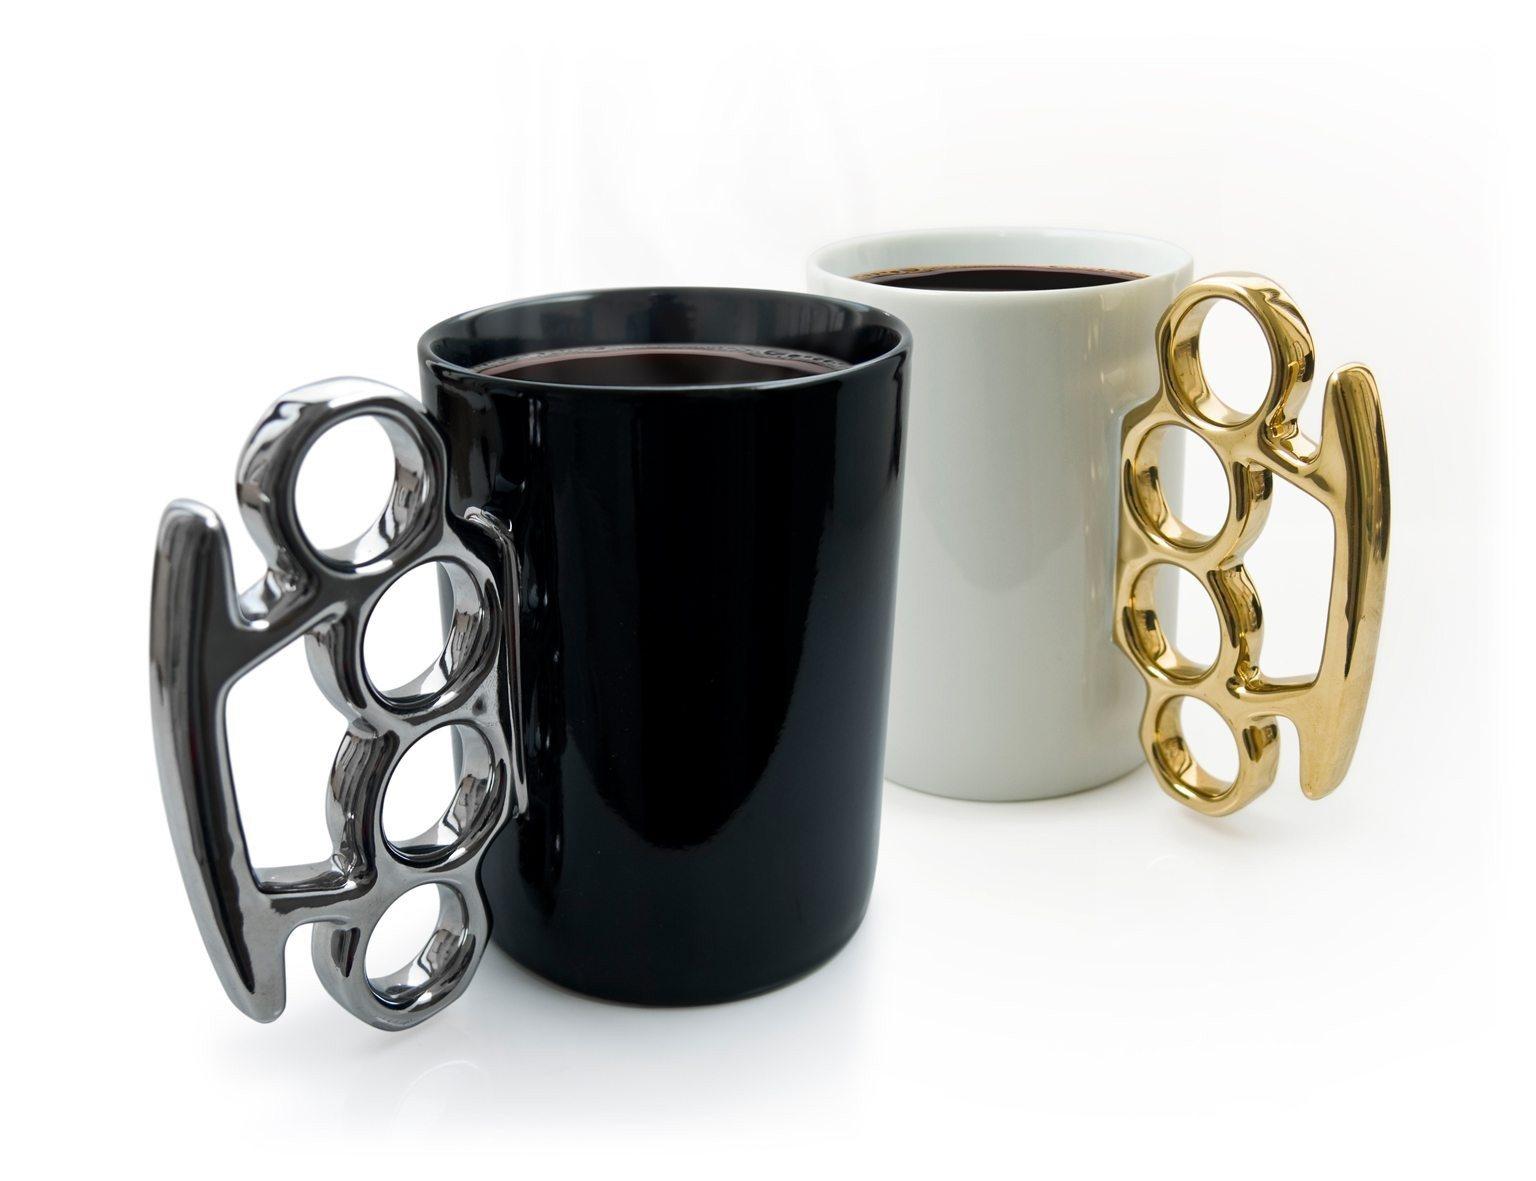 Schlagring Kaffeebecher schwarz/silber